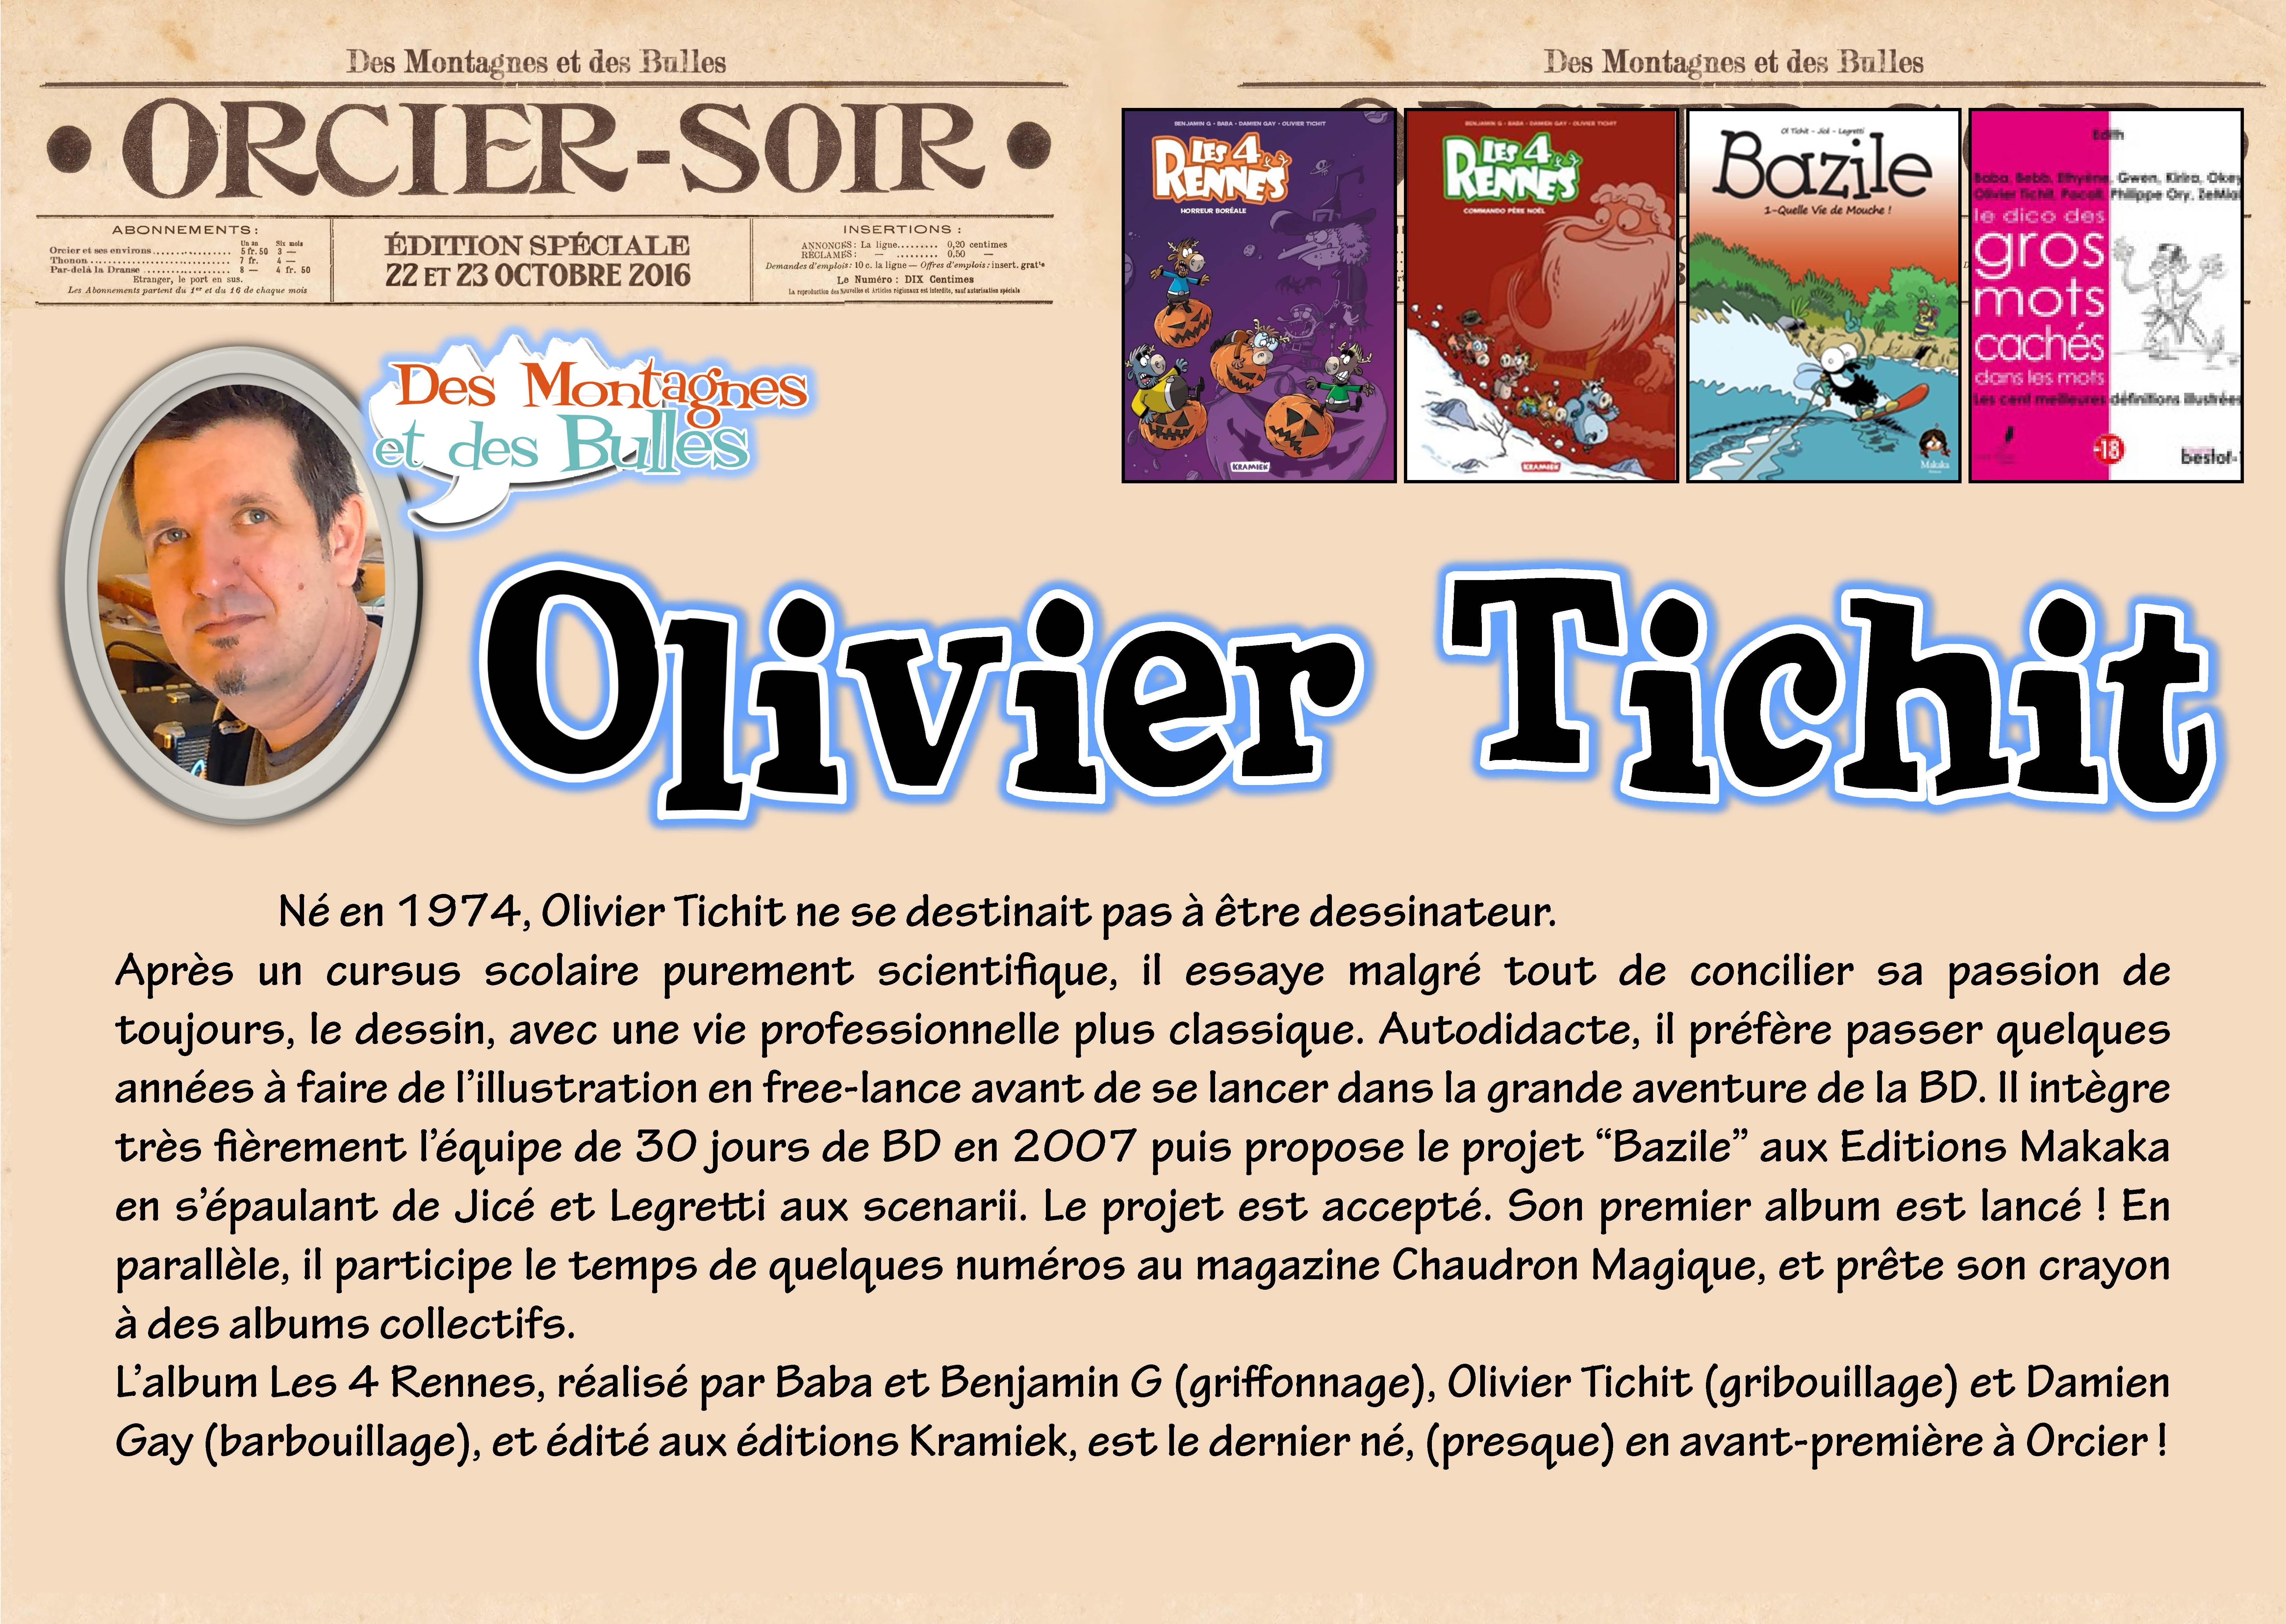 04 Olivier Tichit 2016